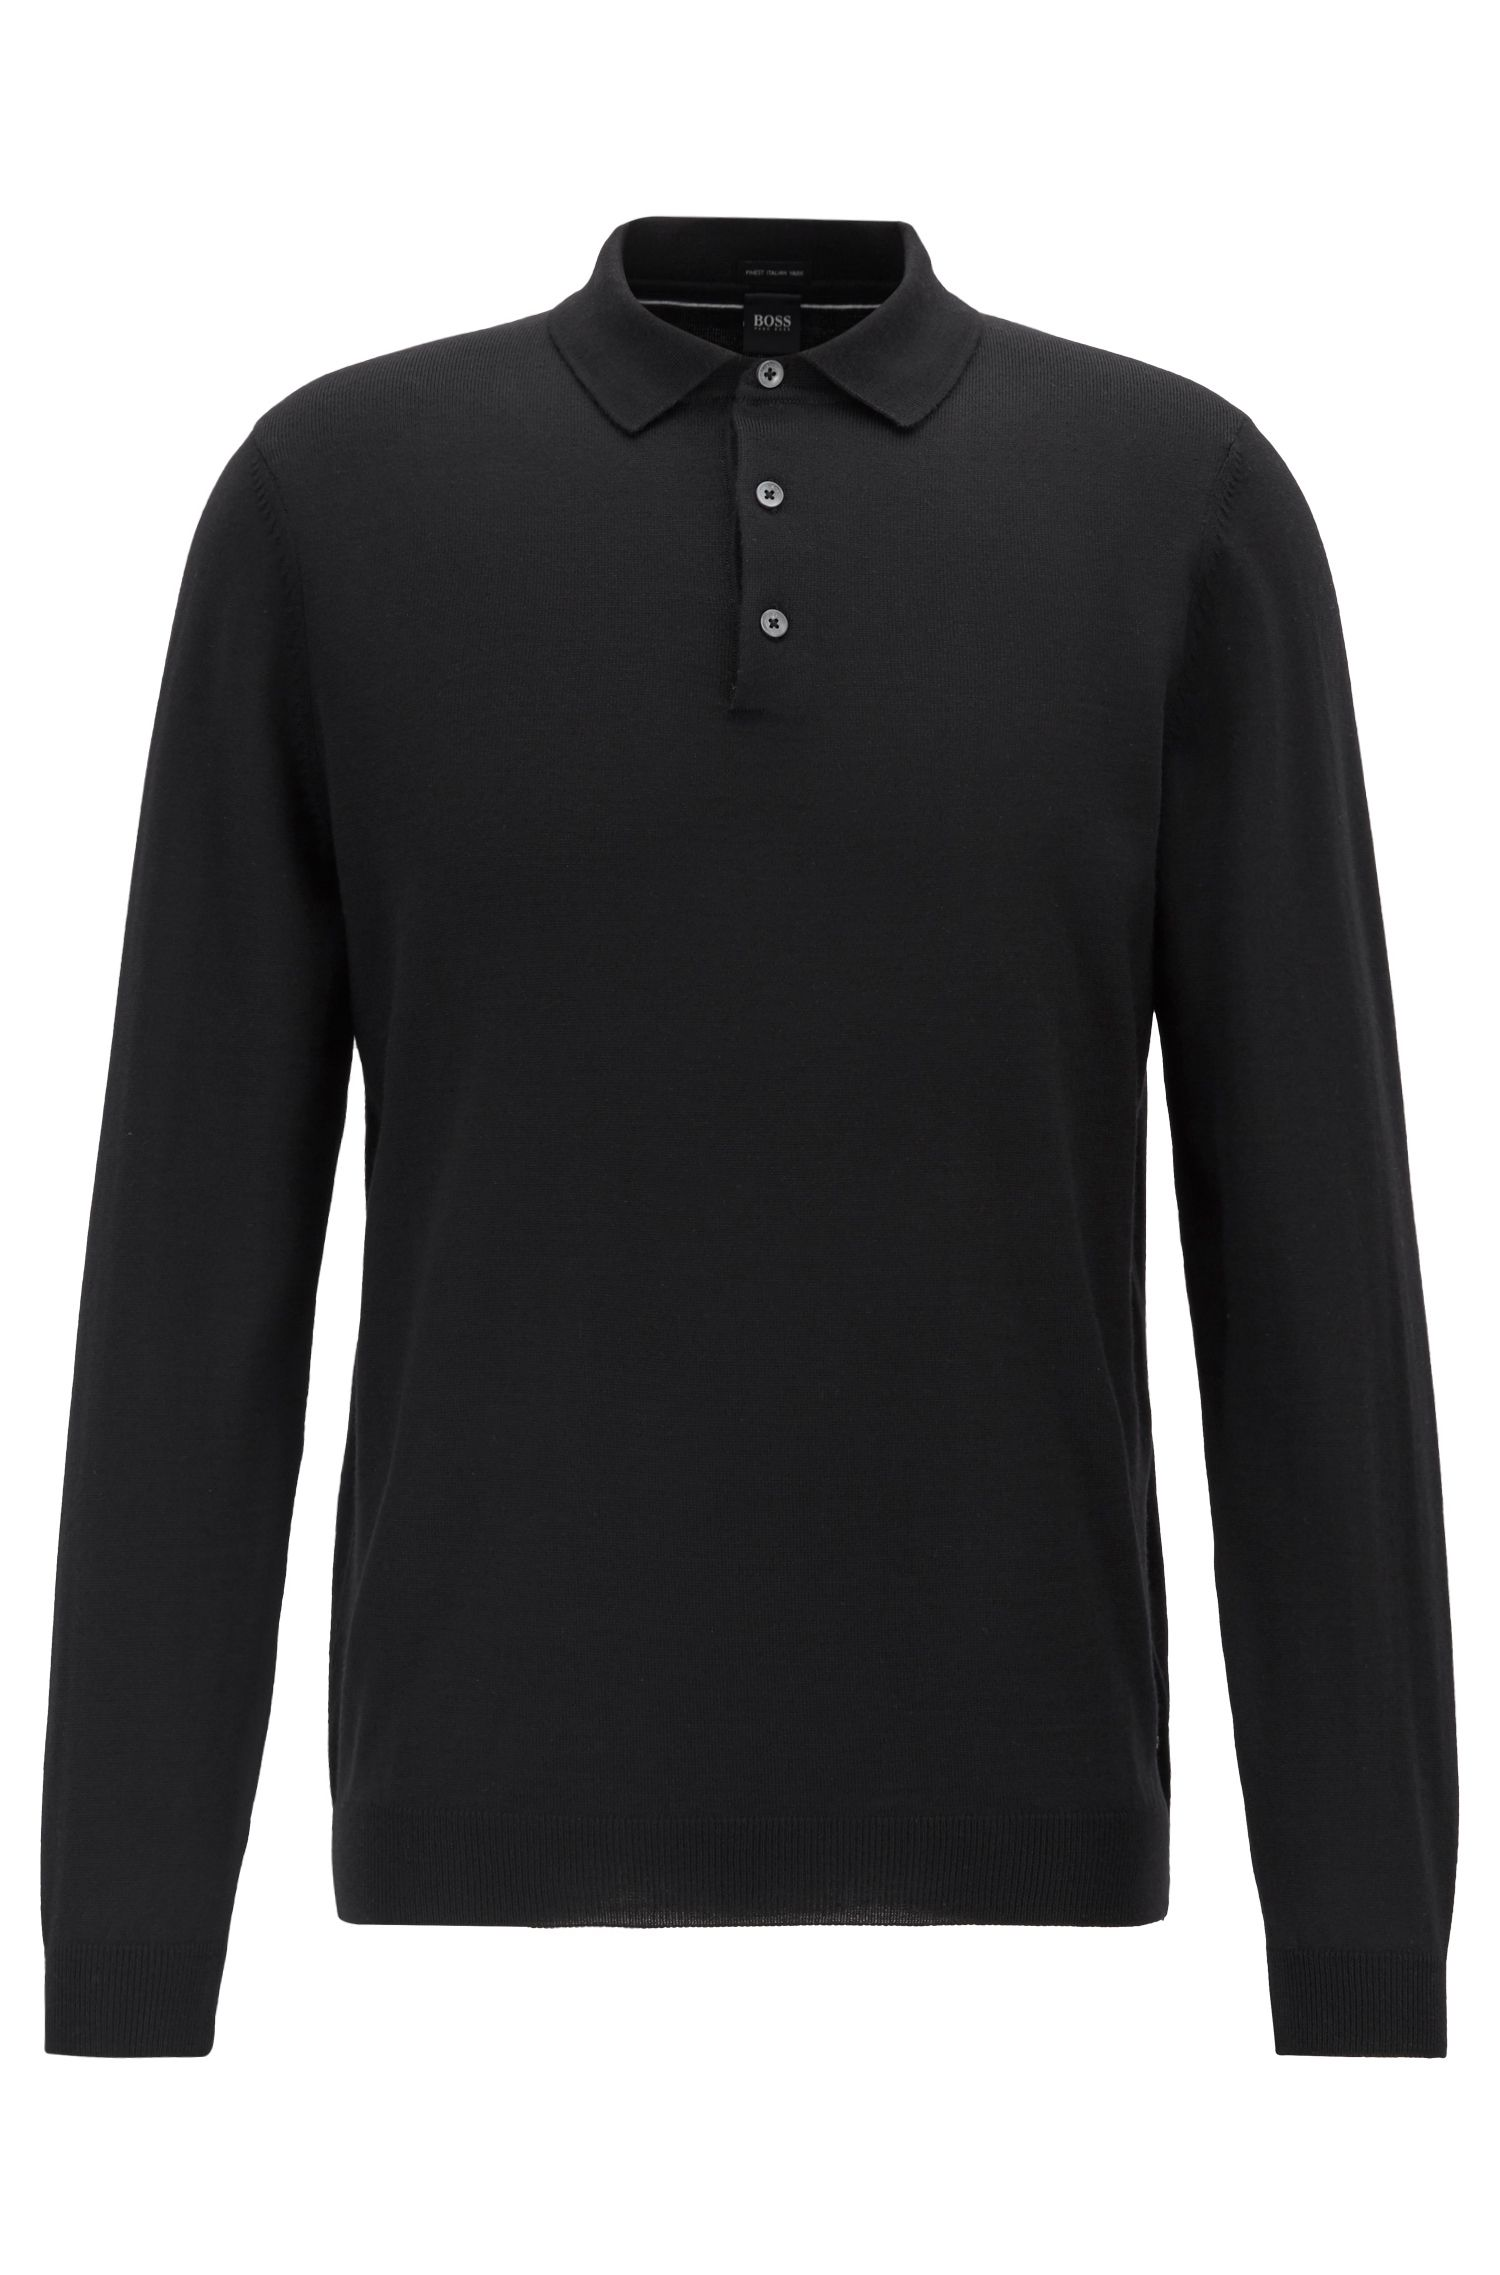 Jersey de manga larga con cuello de polo en lana virgen